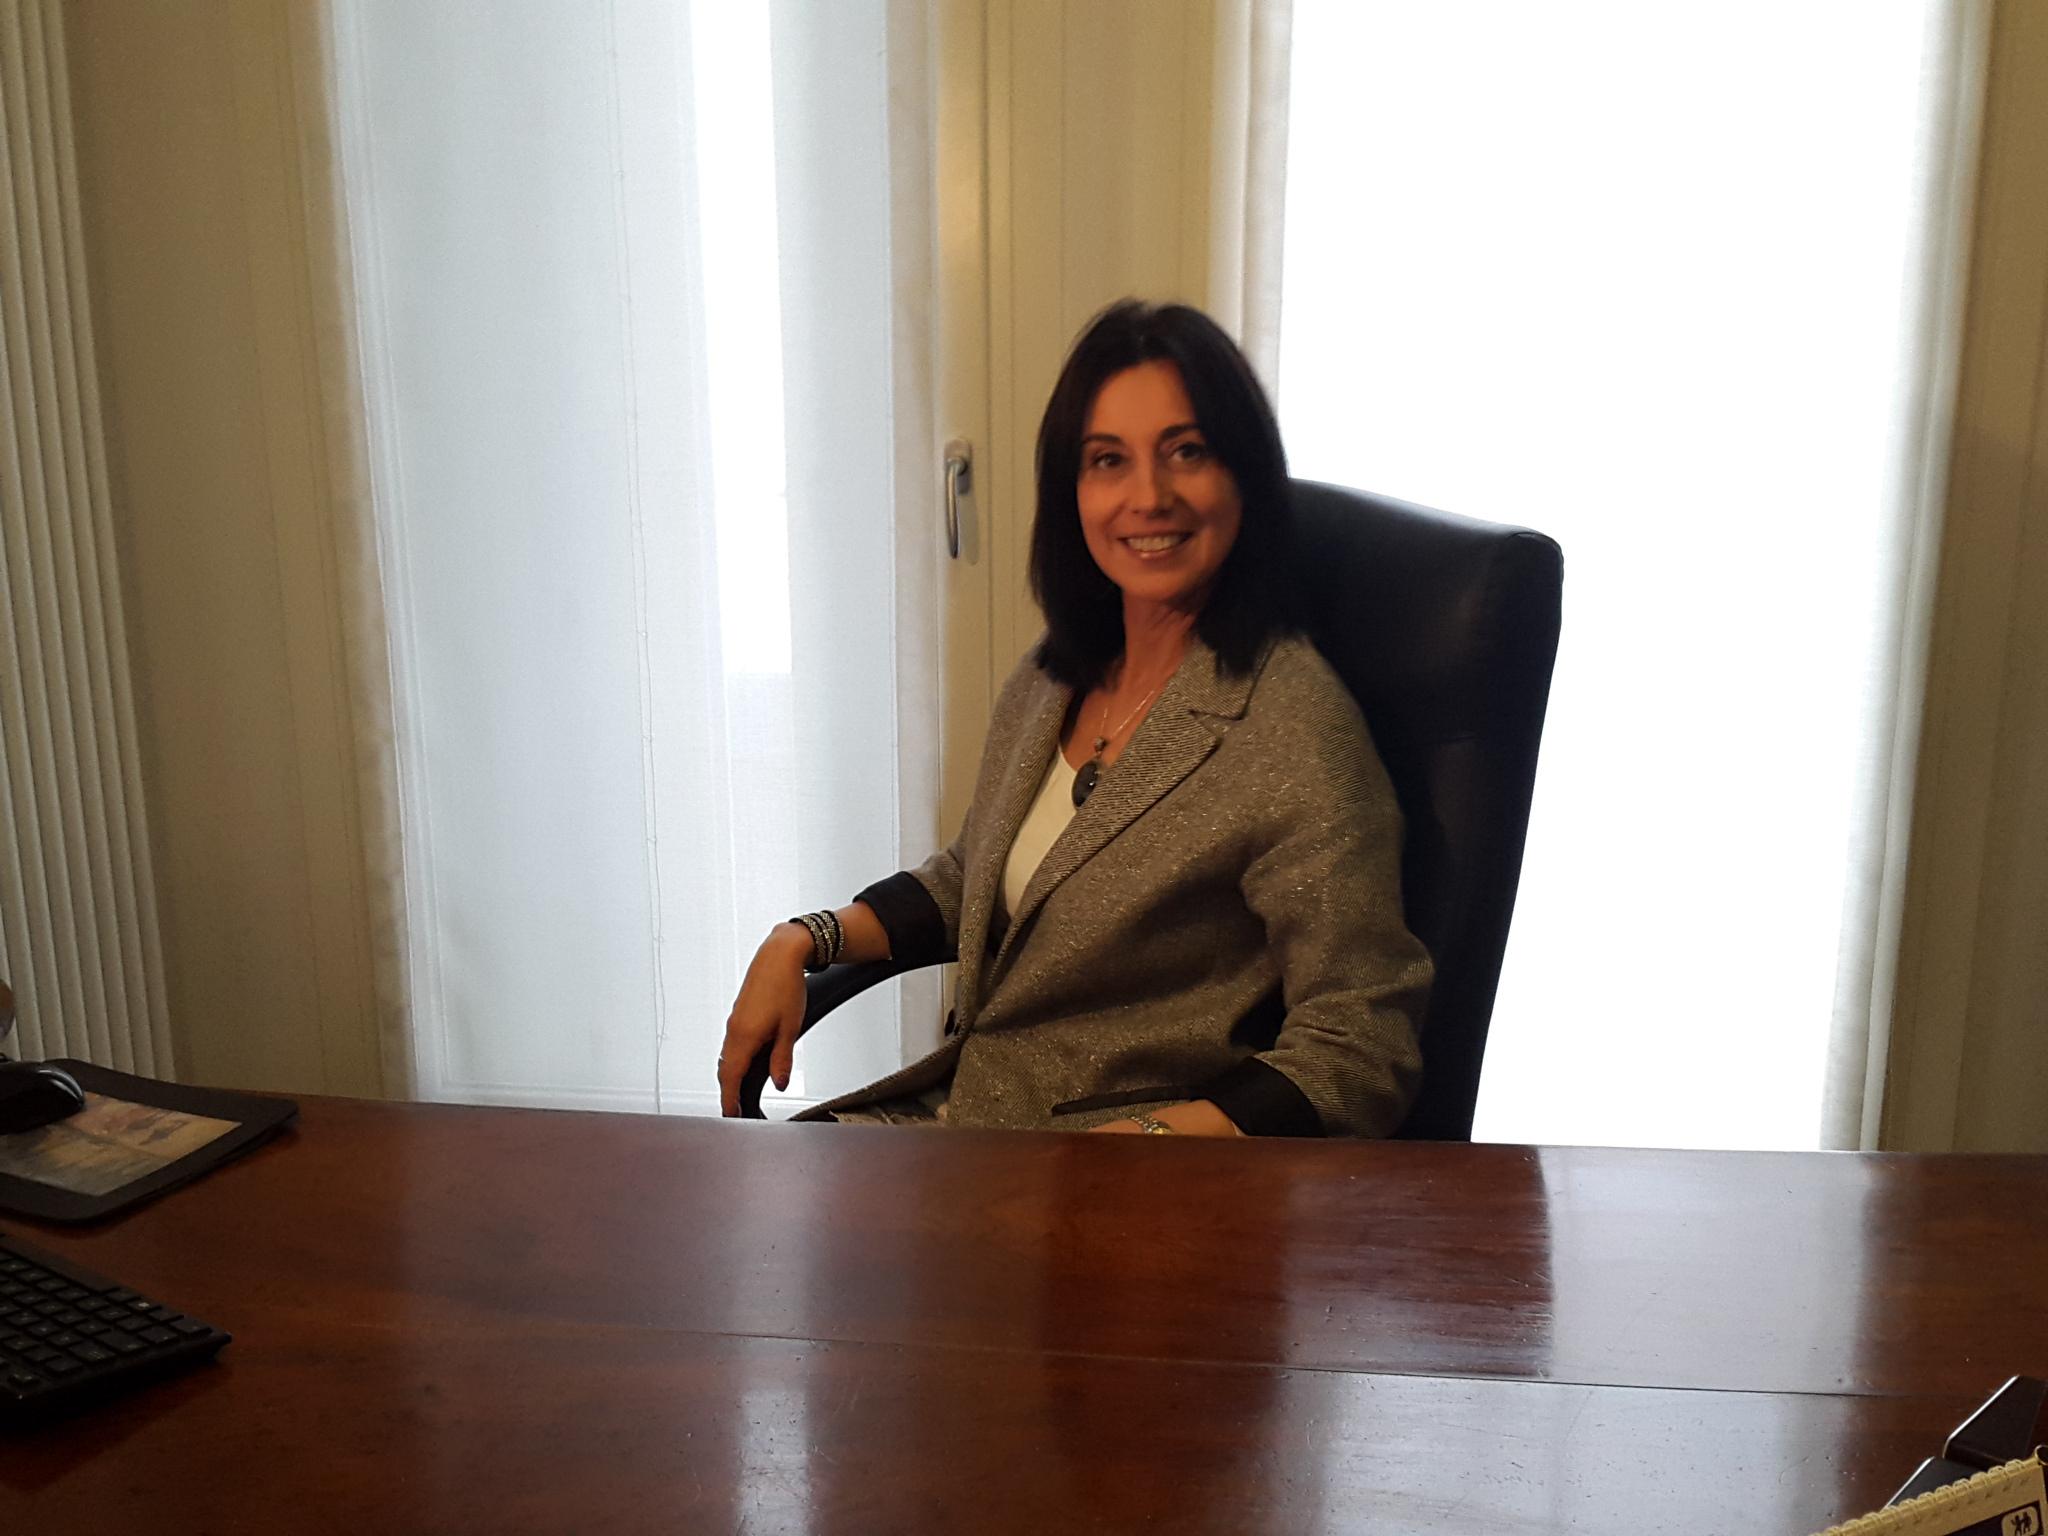 Studio legale – Montebelluna -Treviso -Studio Legale Avvocati Gaffo & Zaffaina